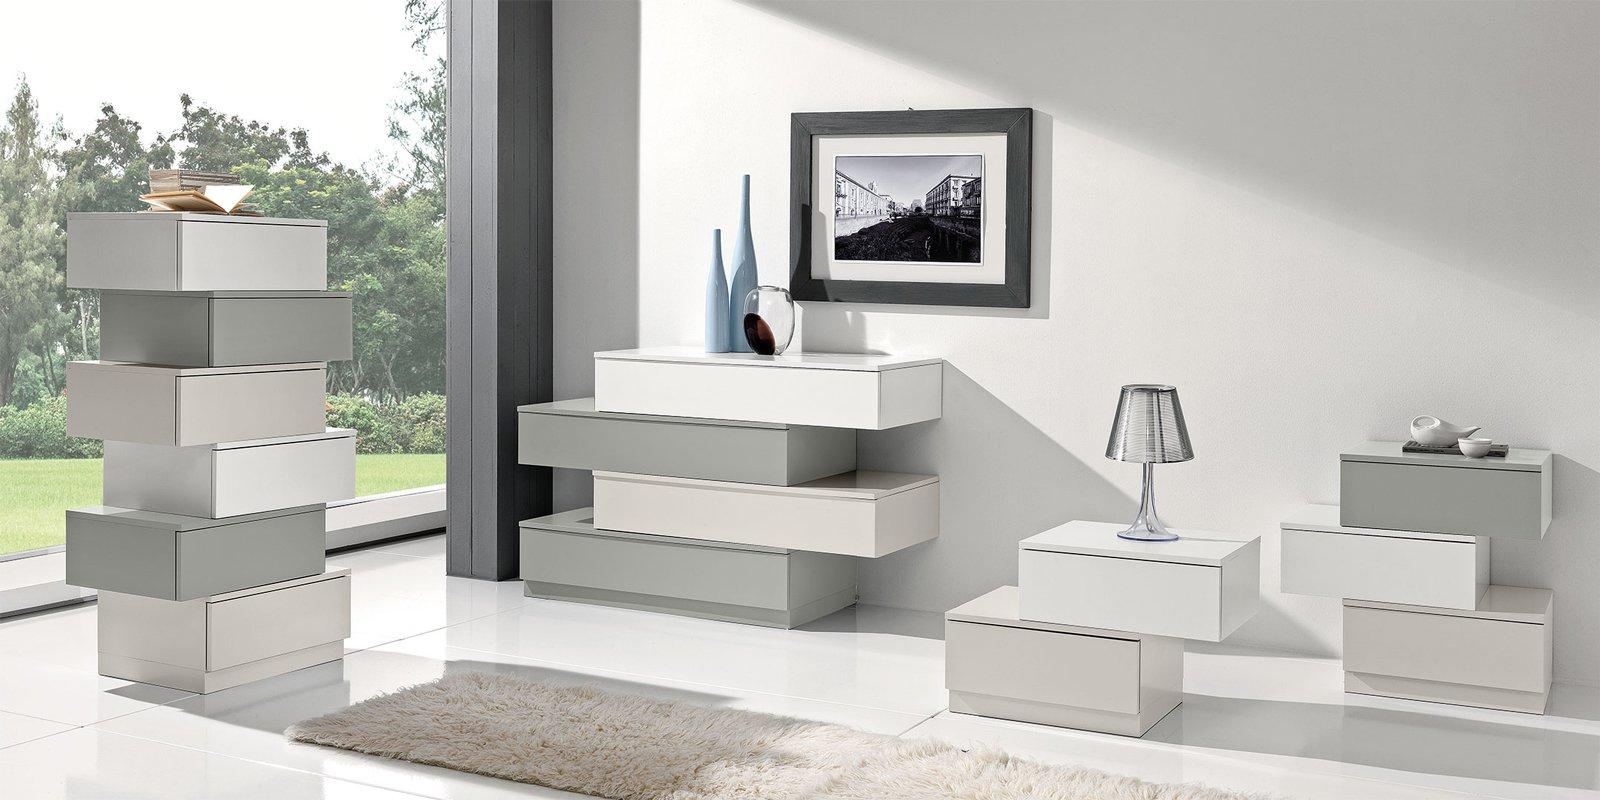 Cassettiere moderne e classiche cose di casa - Giessegi mobili ...